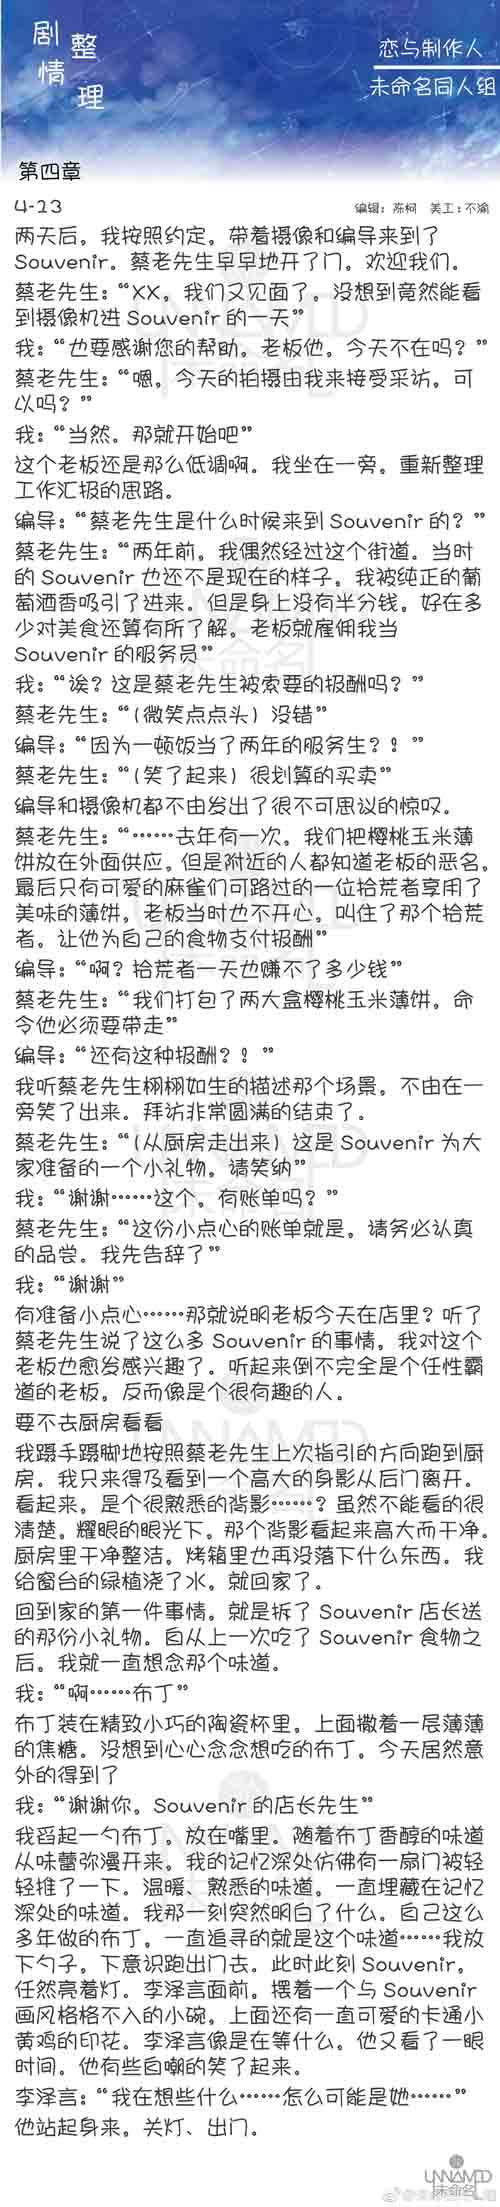 恋与制作人4-13剧情 恋与制作人第四章剧情